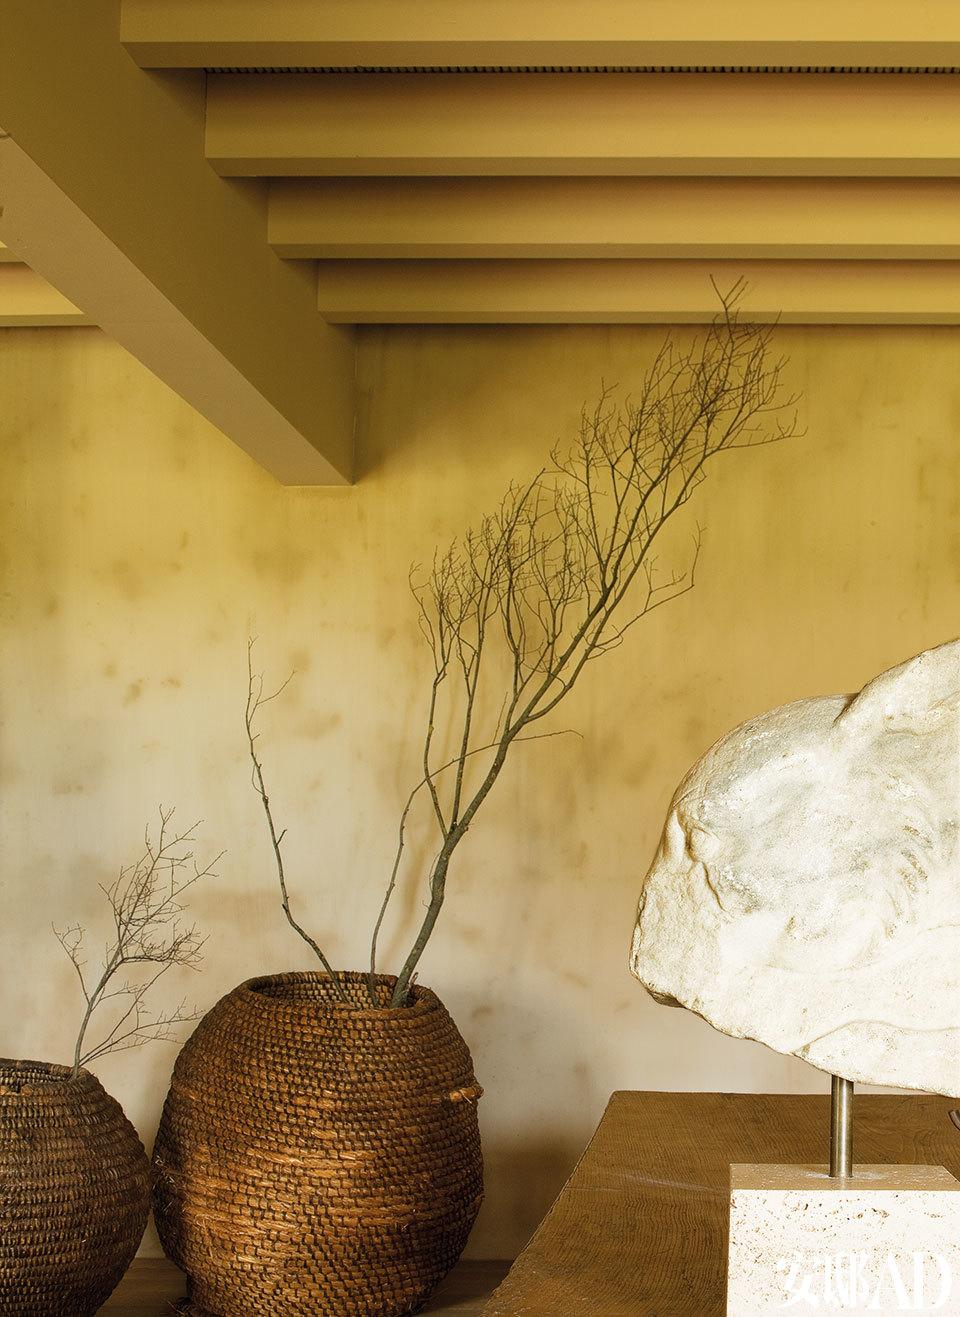 主人夫妇热爱干净简约之美,当然,还要带一点禅意。客厅的一处细节。这两个位于壁炉旁的植物纤维编织篮是在小镇集市上采购来的。